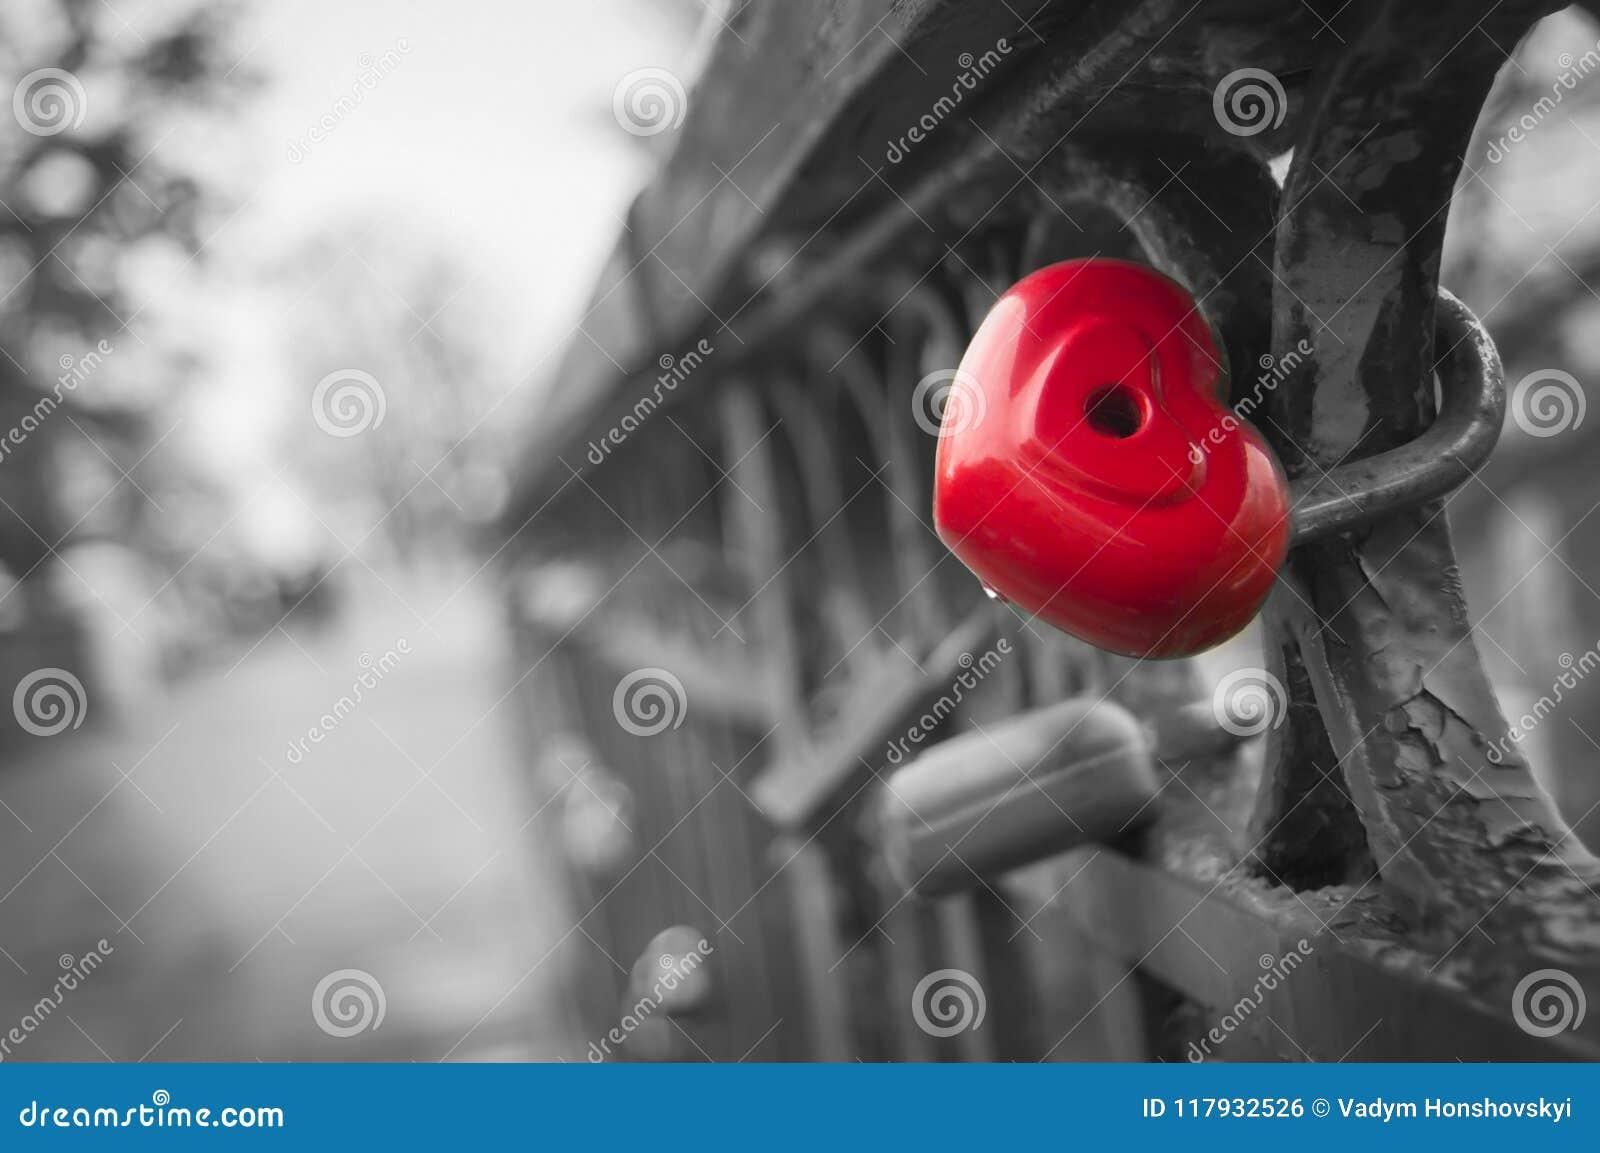 Abstractie van gevoelssymbool van eeuwige betekenis van liefde Metaal scharnierend kasteel in de vorm van een hart